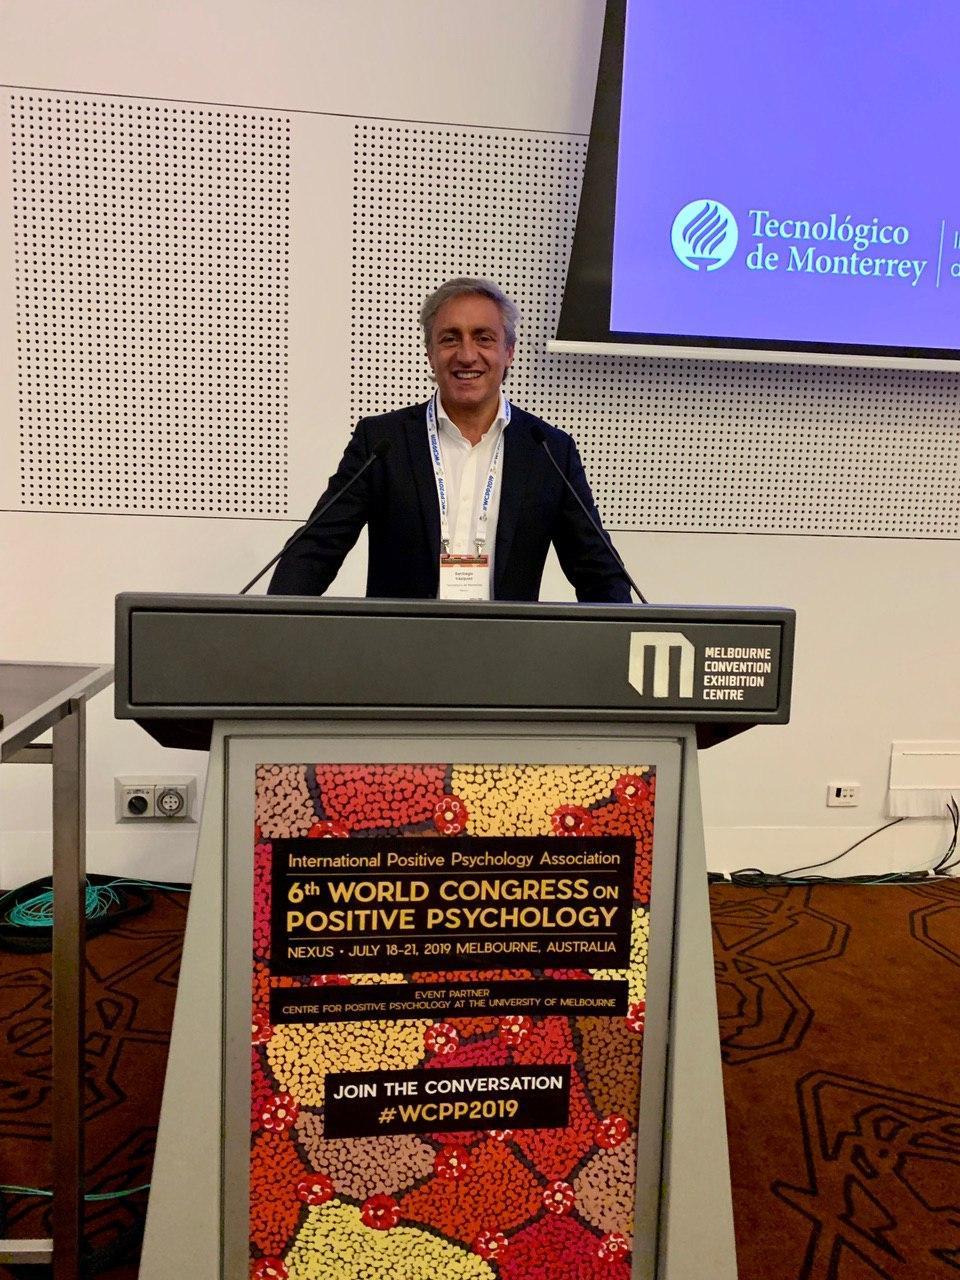 Congreso de la Asociación internacional de psicología positiva - Melbourne Australia